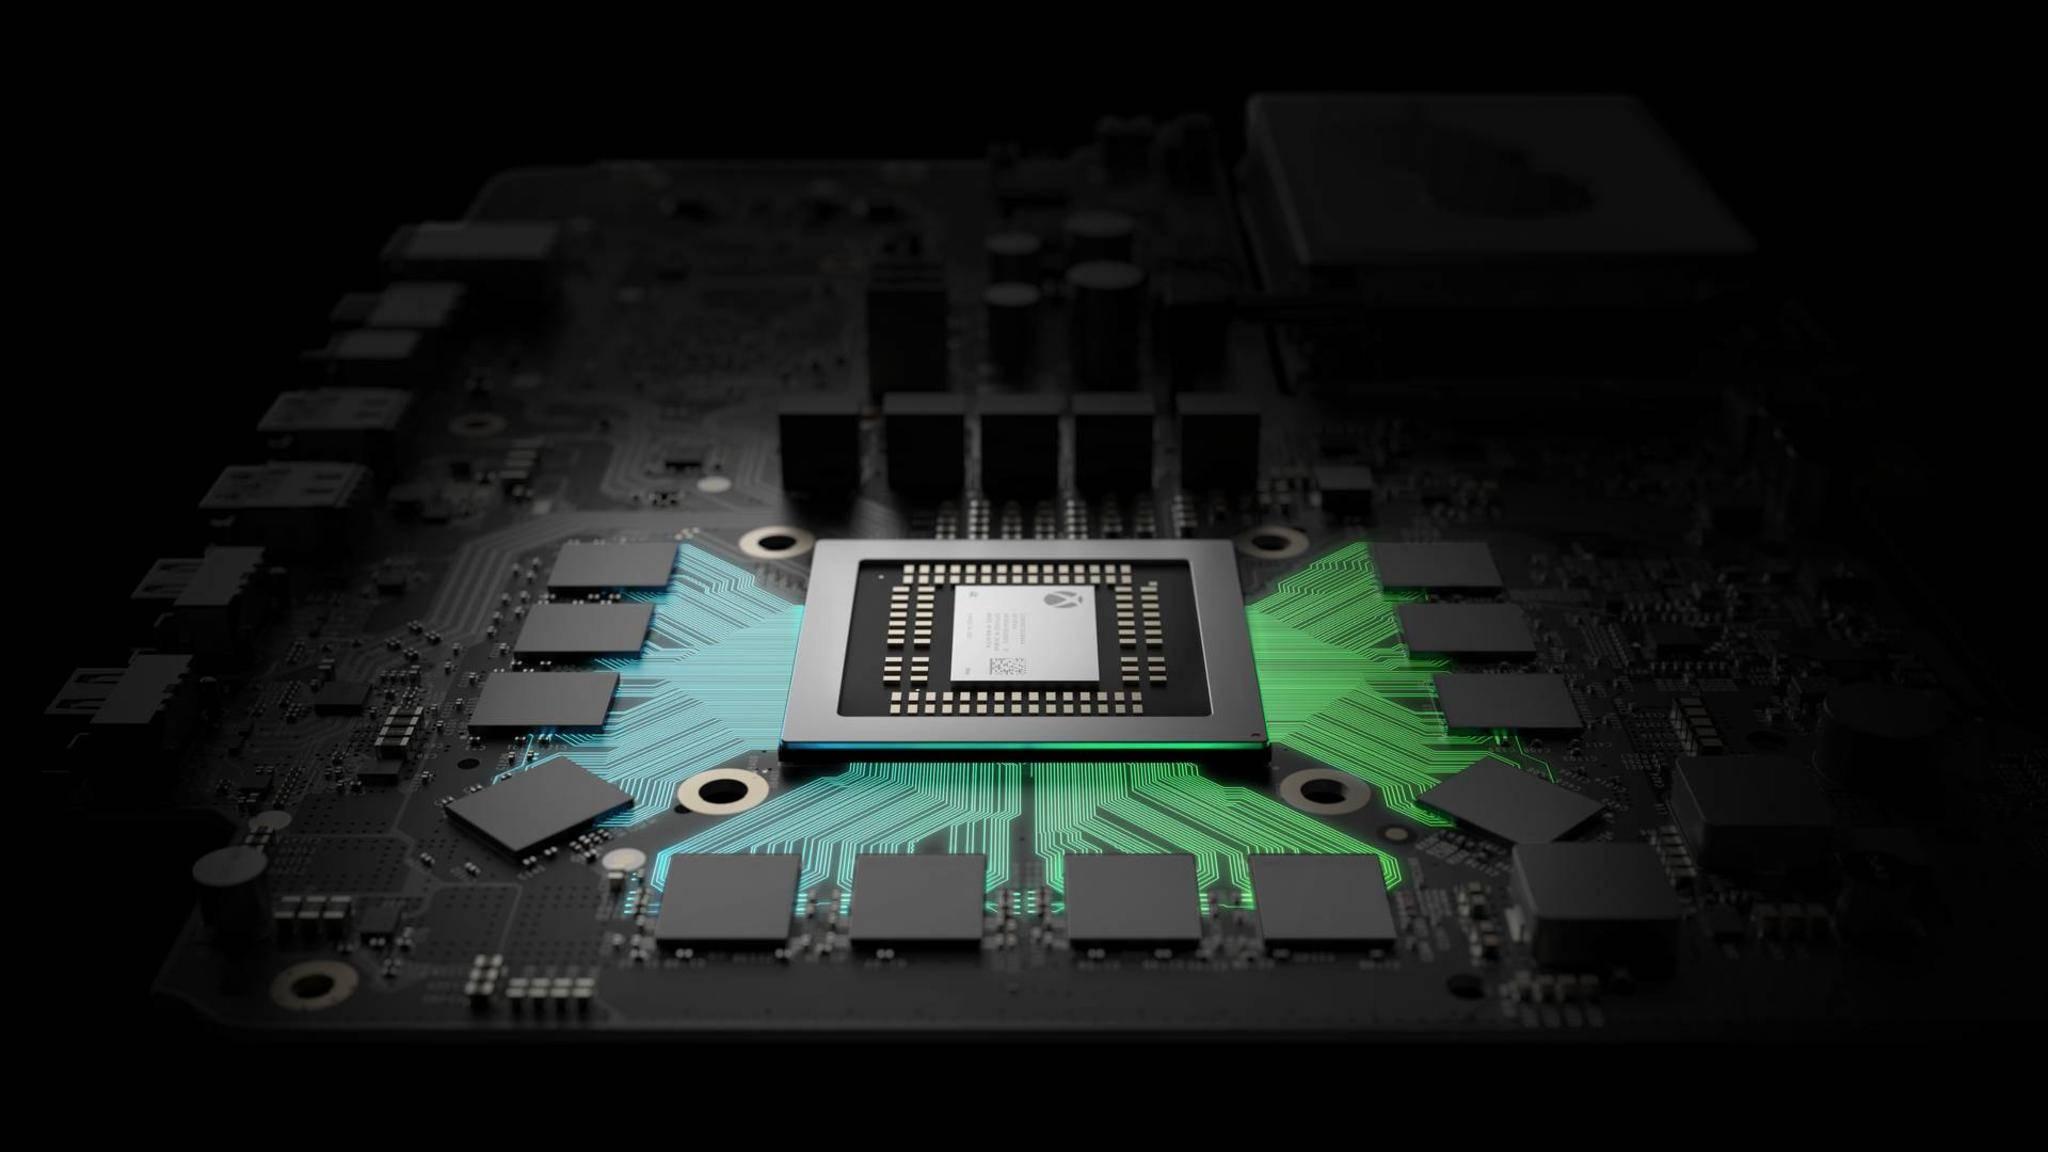 Einige Xbox One-Spiele werden auf der Xbox Scorpio in 4K-Auflösung laufen.